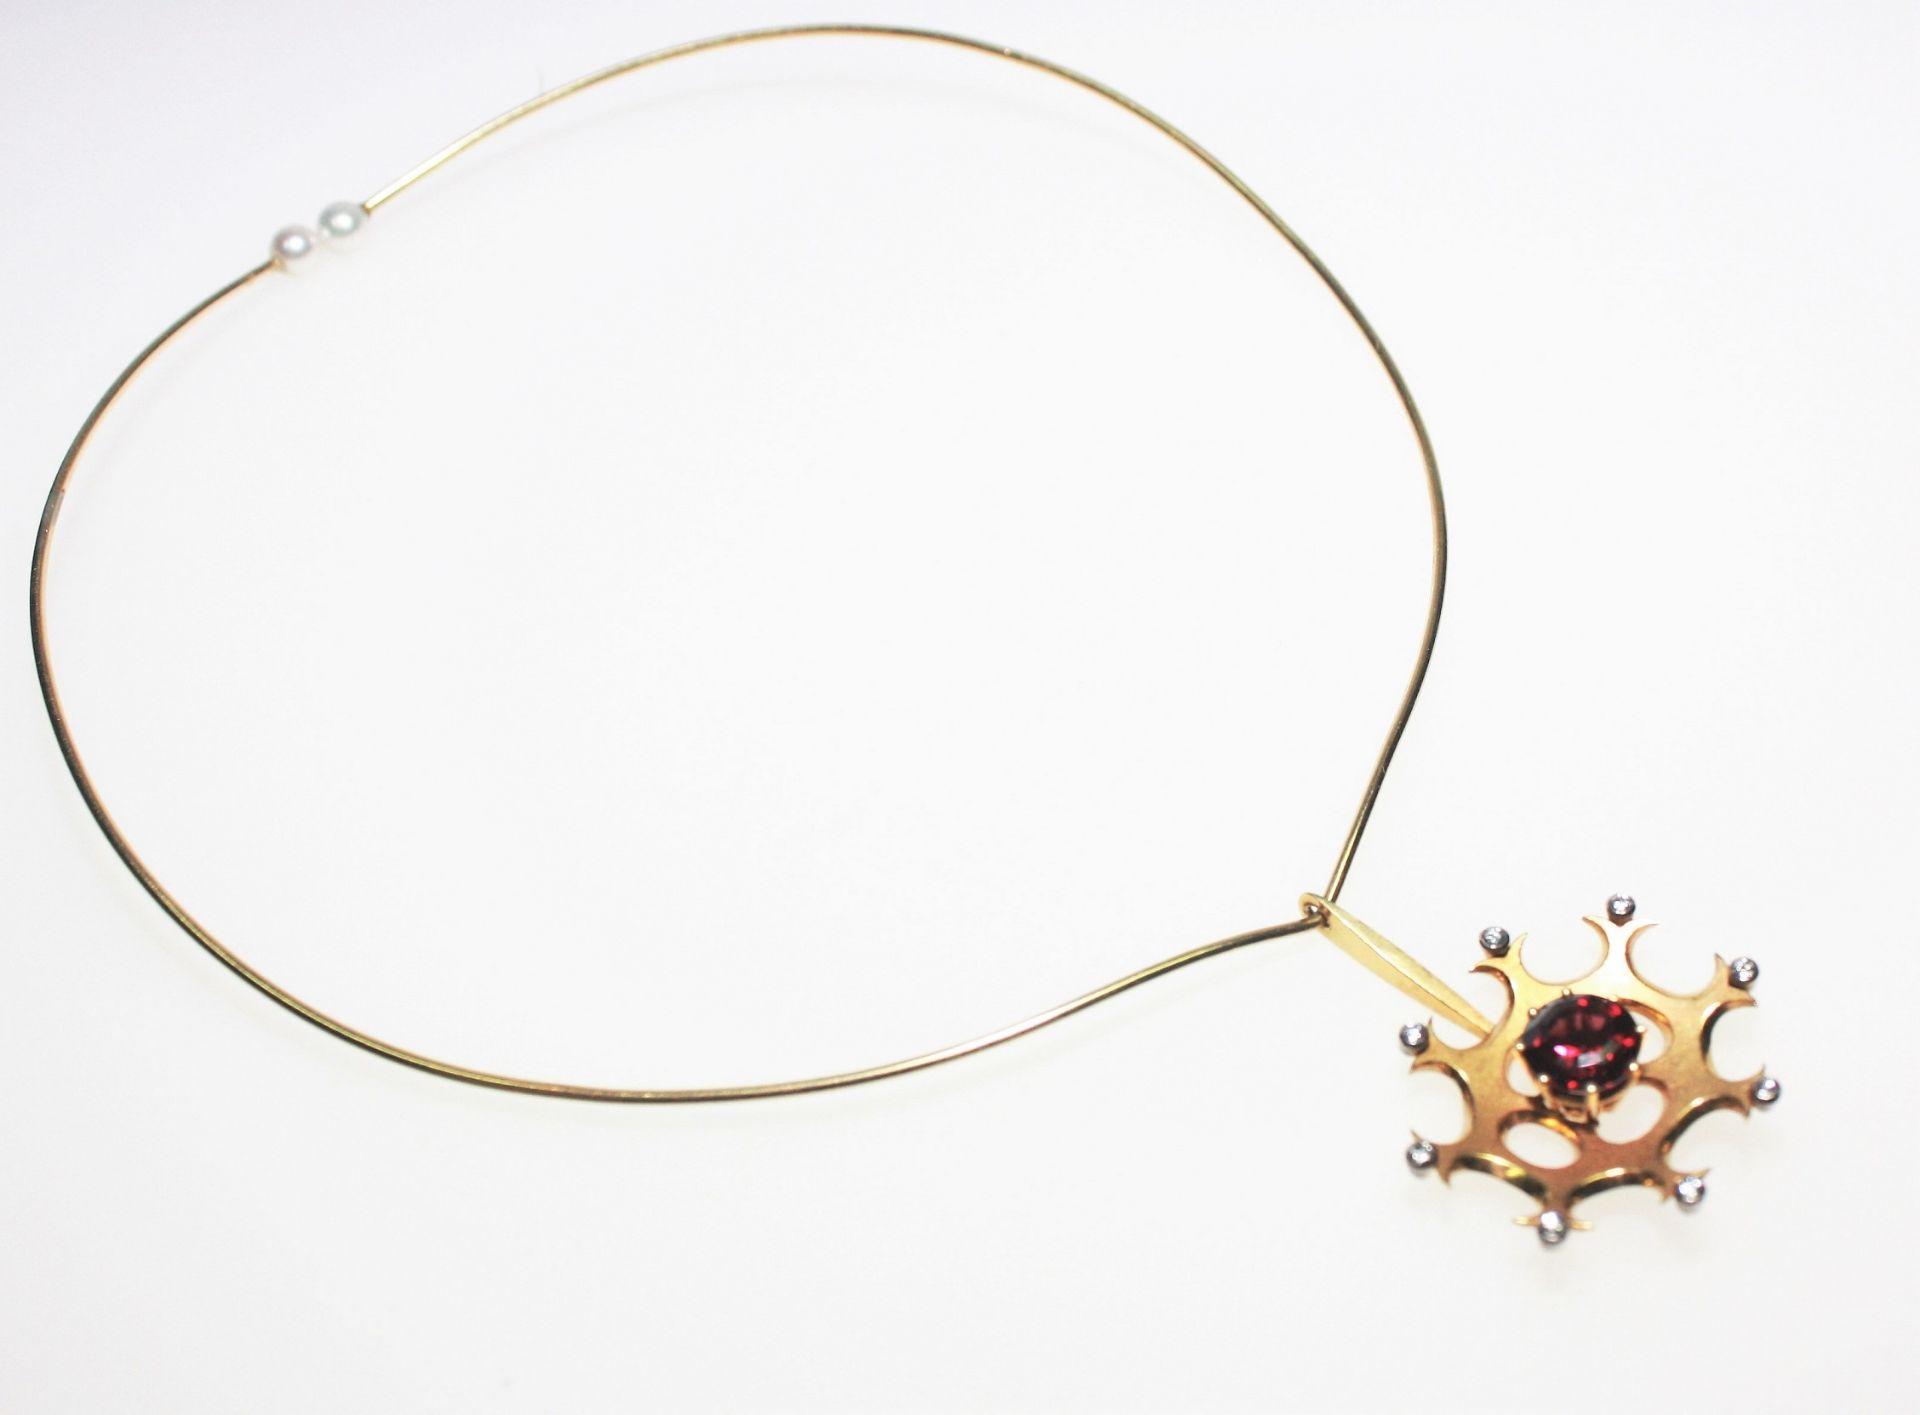 Moderner, goldener Halsreif 750/f gest., an den Enden je eine Zuchtperle, goldenes Anhängeteil mit